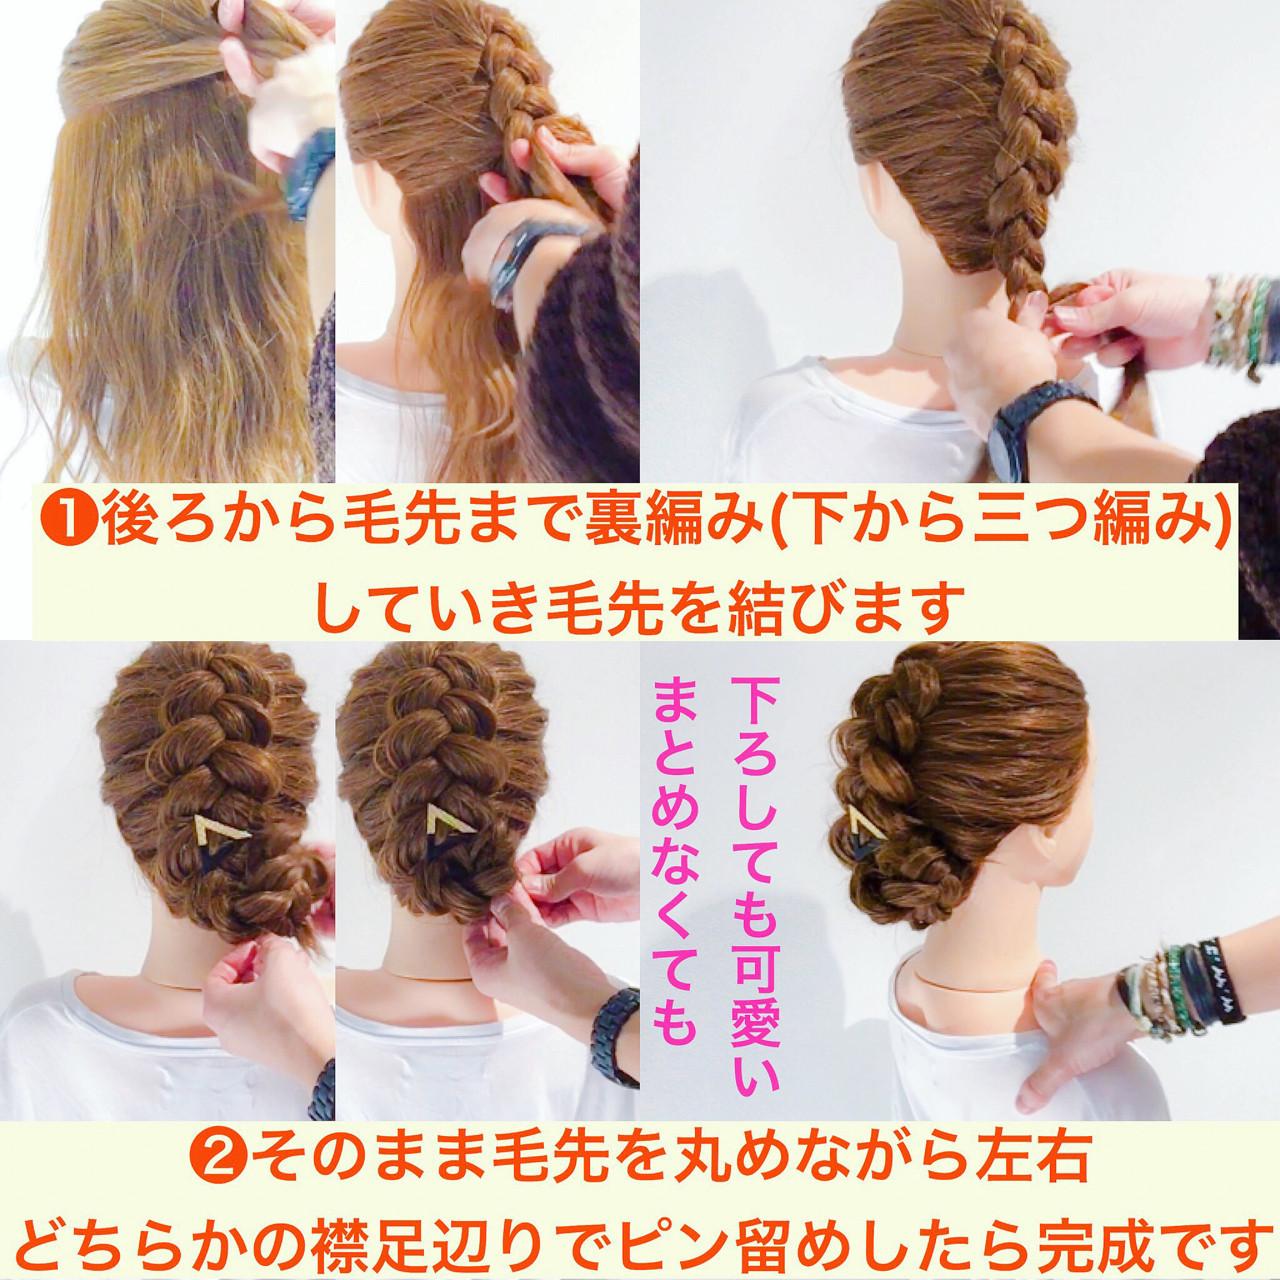 結婚式 フェミニン 簡単ヘアアレンジ ヘアアレンジ ヘアスタイルや髪型の写真・画像